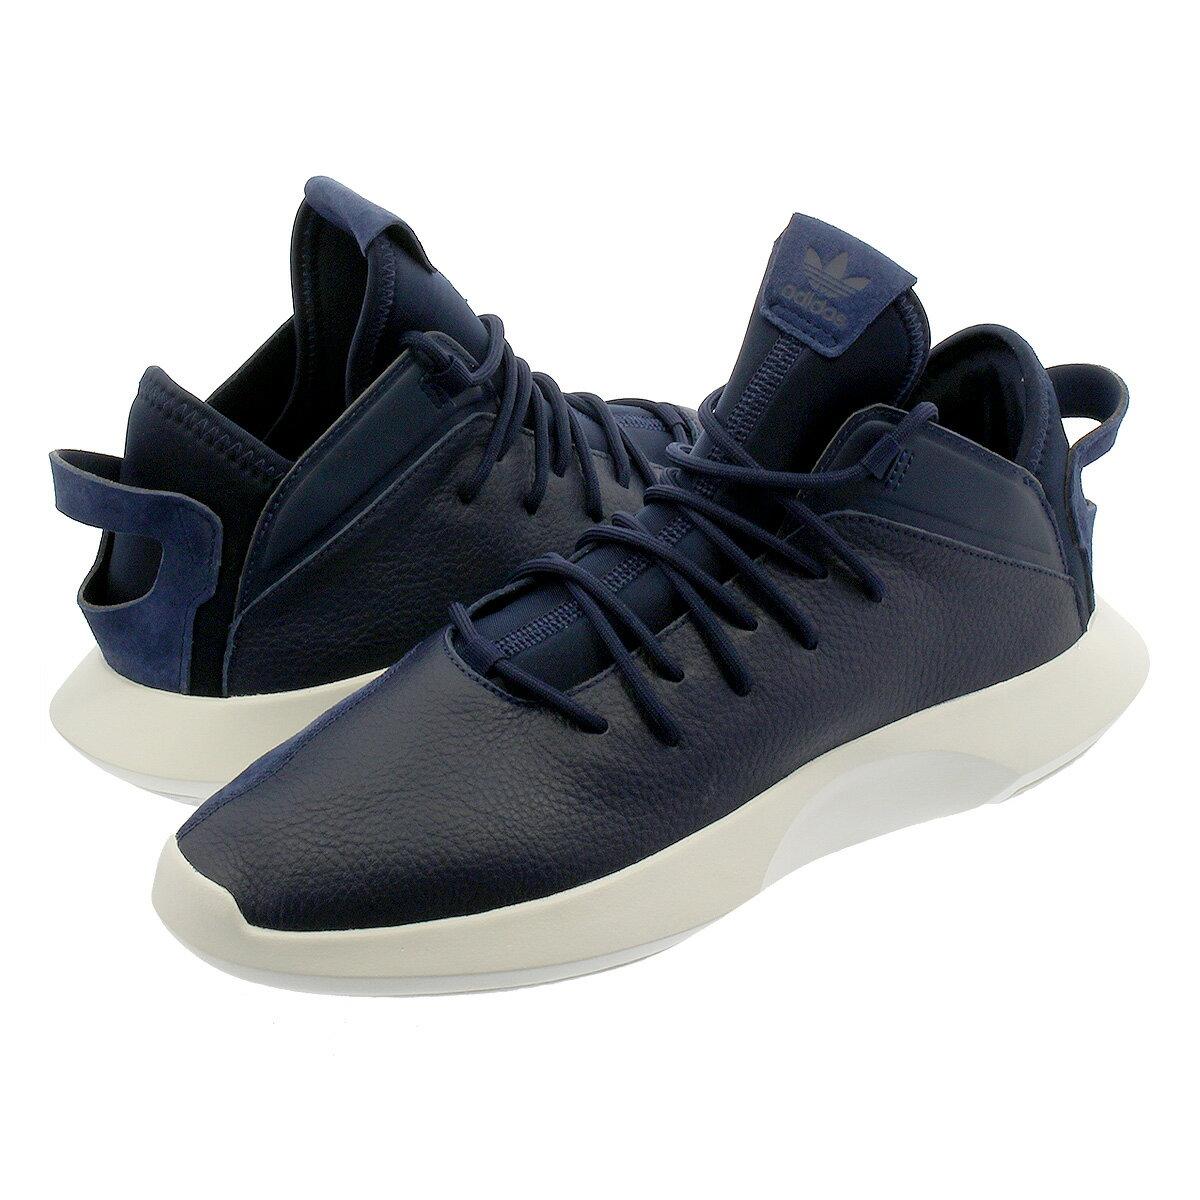 メンズ靴, スニーカー adidas CRAZY 1 ADV adidas Originals 1 ADV COLLEGE NAVYCRYSTAL WHITECLEAR ORANGE bd8015